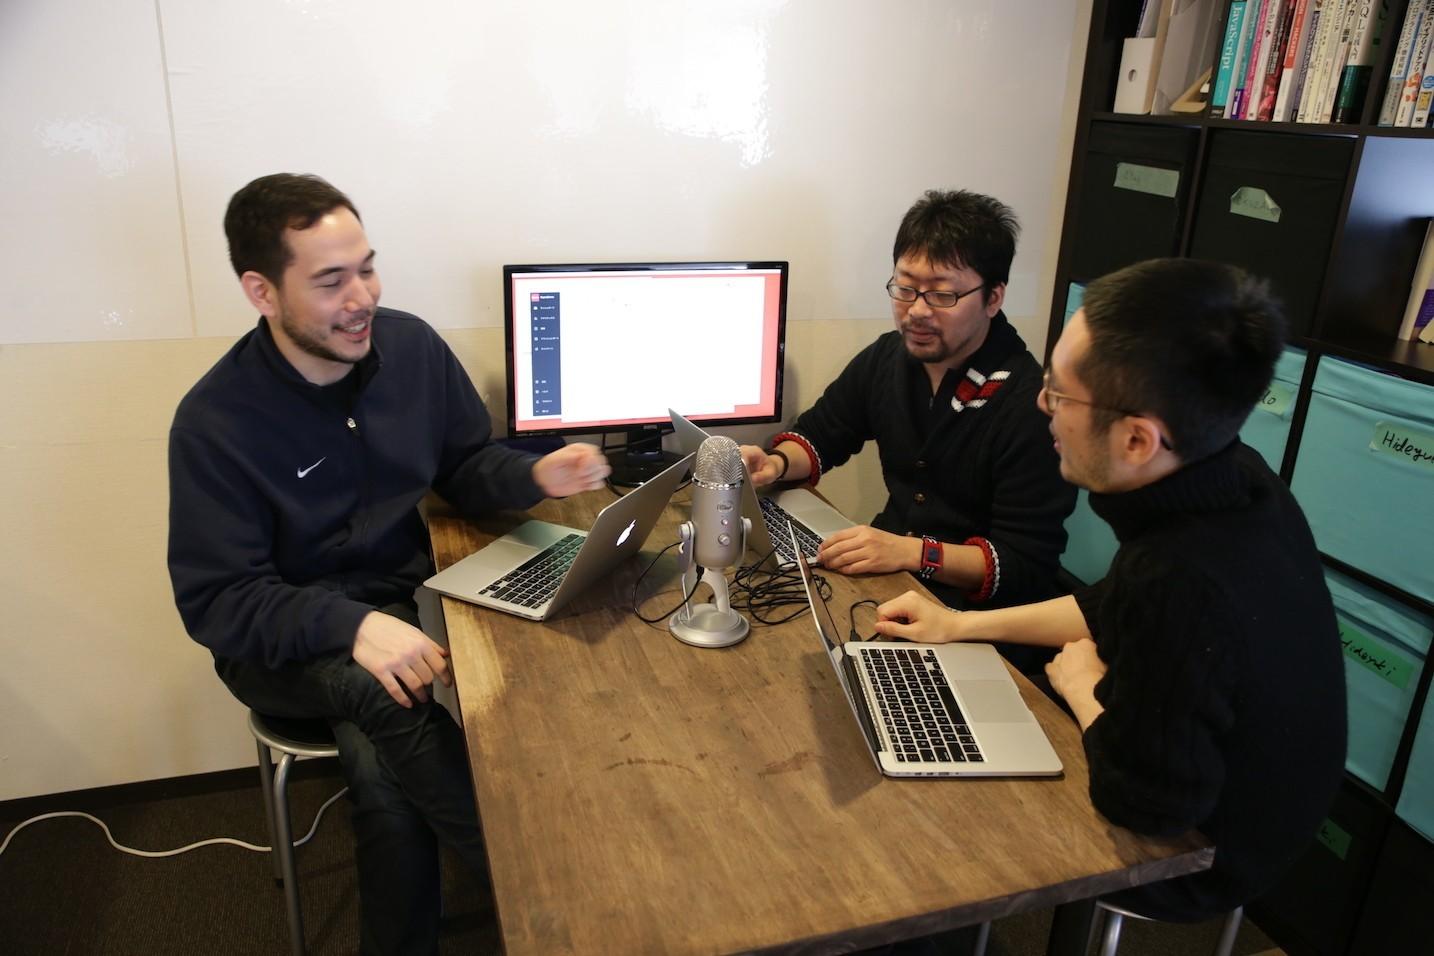 世界46ヶ国で導入・大規模データを扱うグロースハックツール「Repro」を開発するフロントエンジニアを募集!